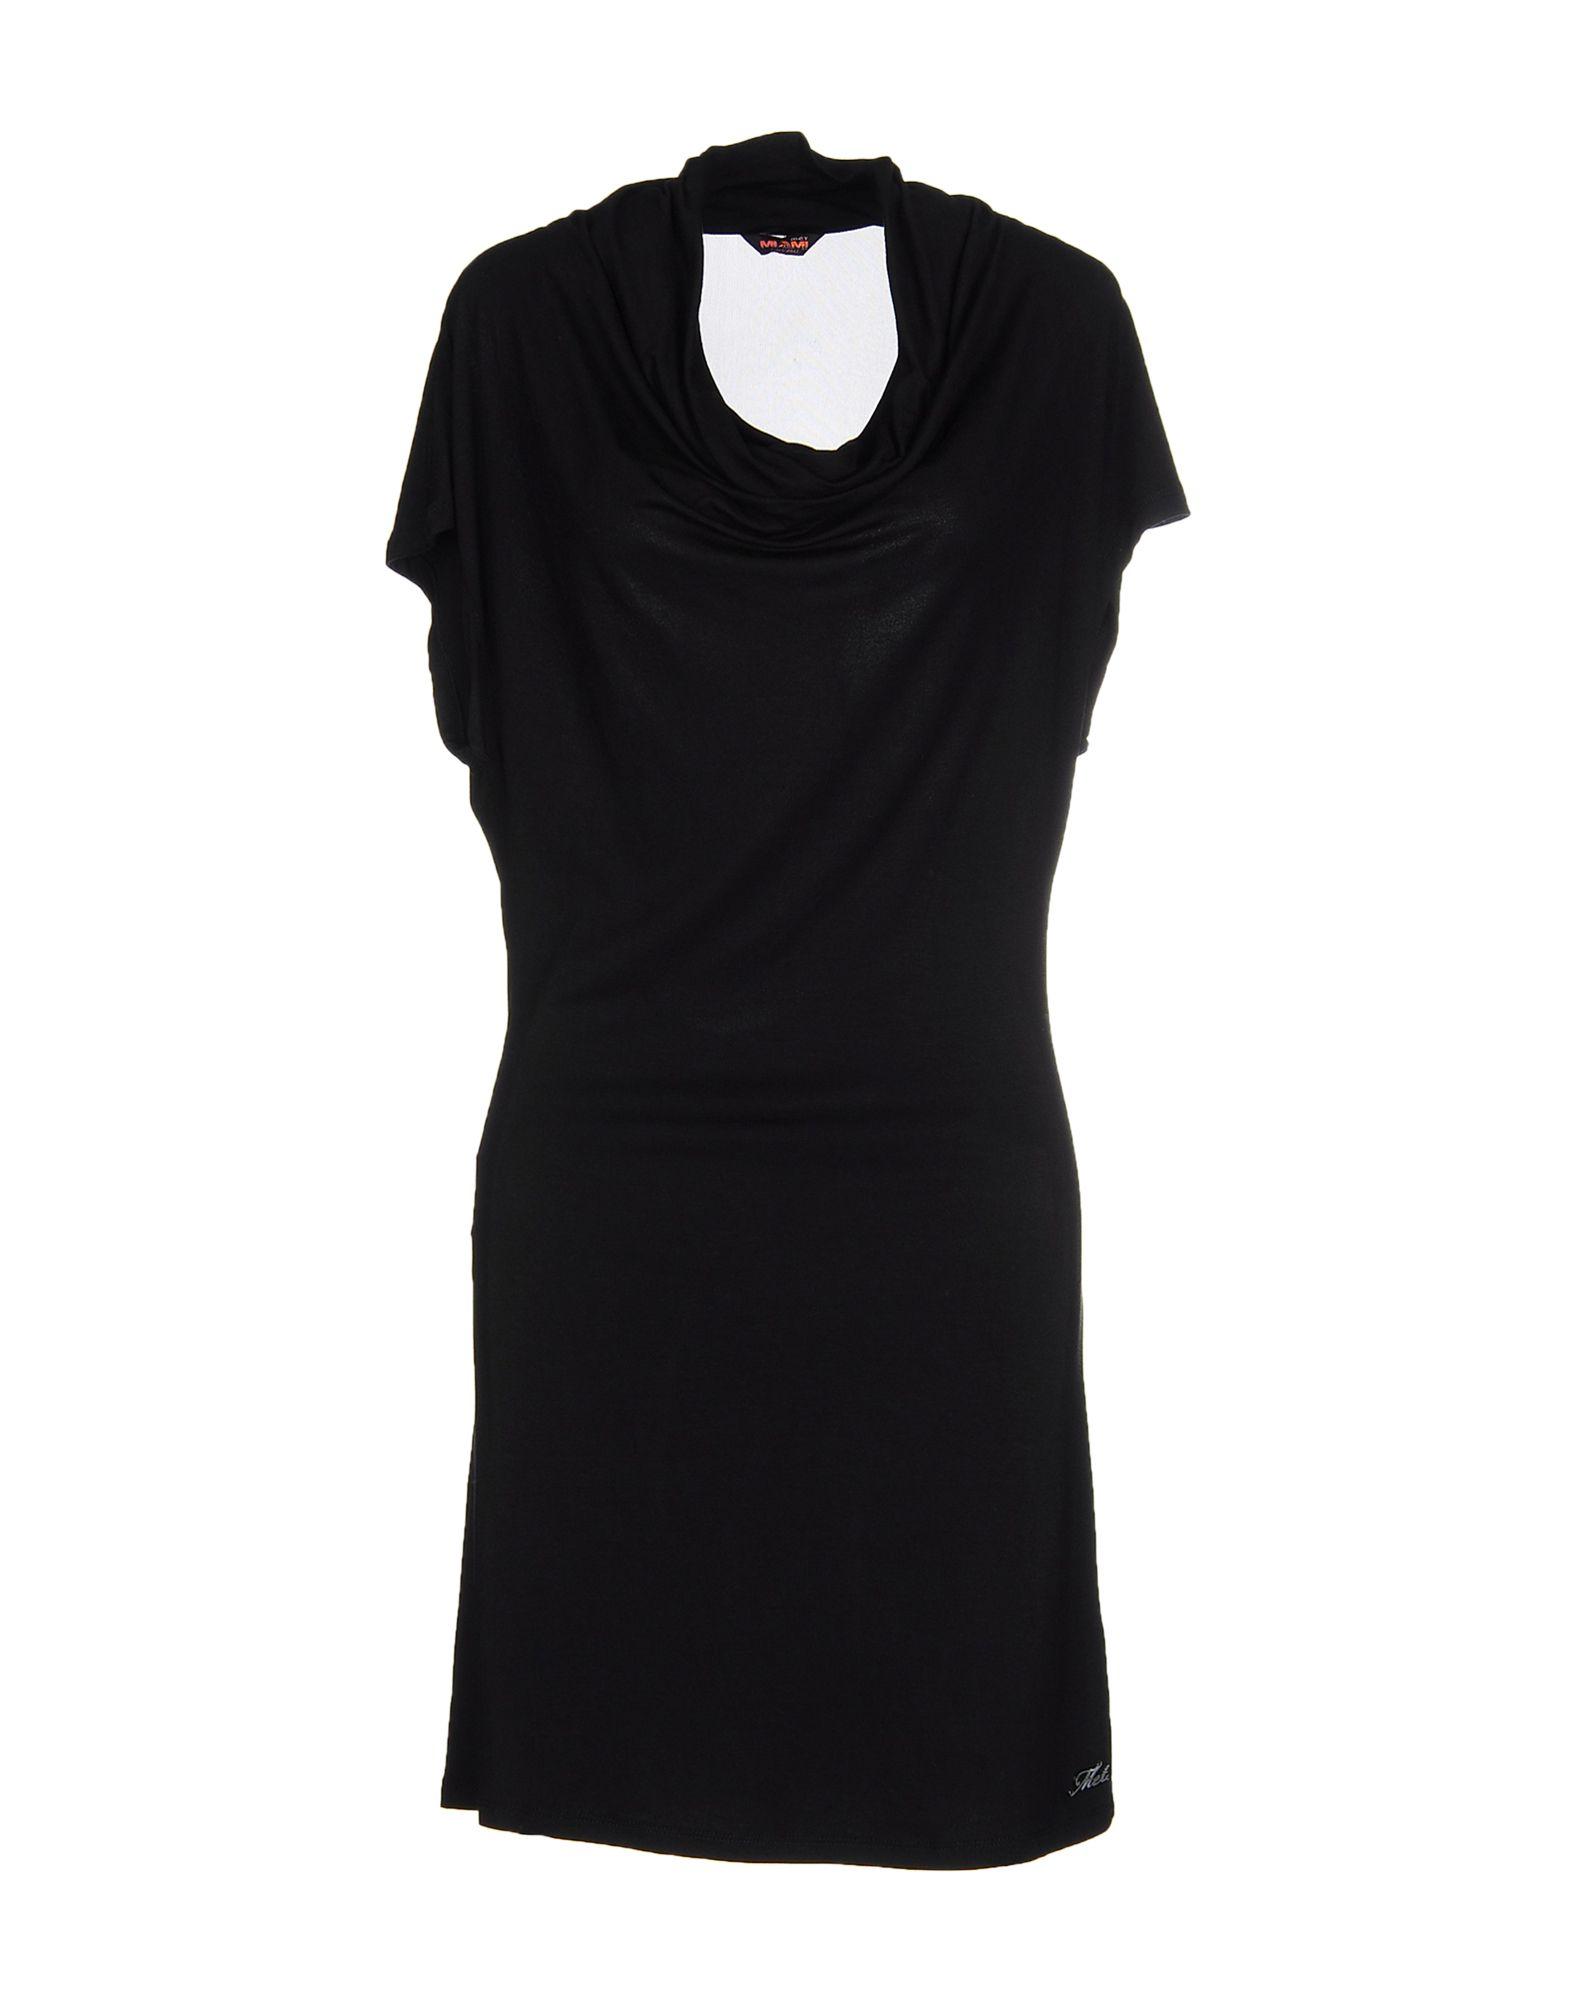 MET MIAMI COCKTAIL Damen Kurzes Kleid Farbe Schwarz Größe 3